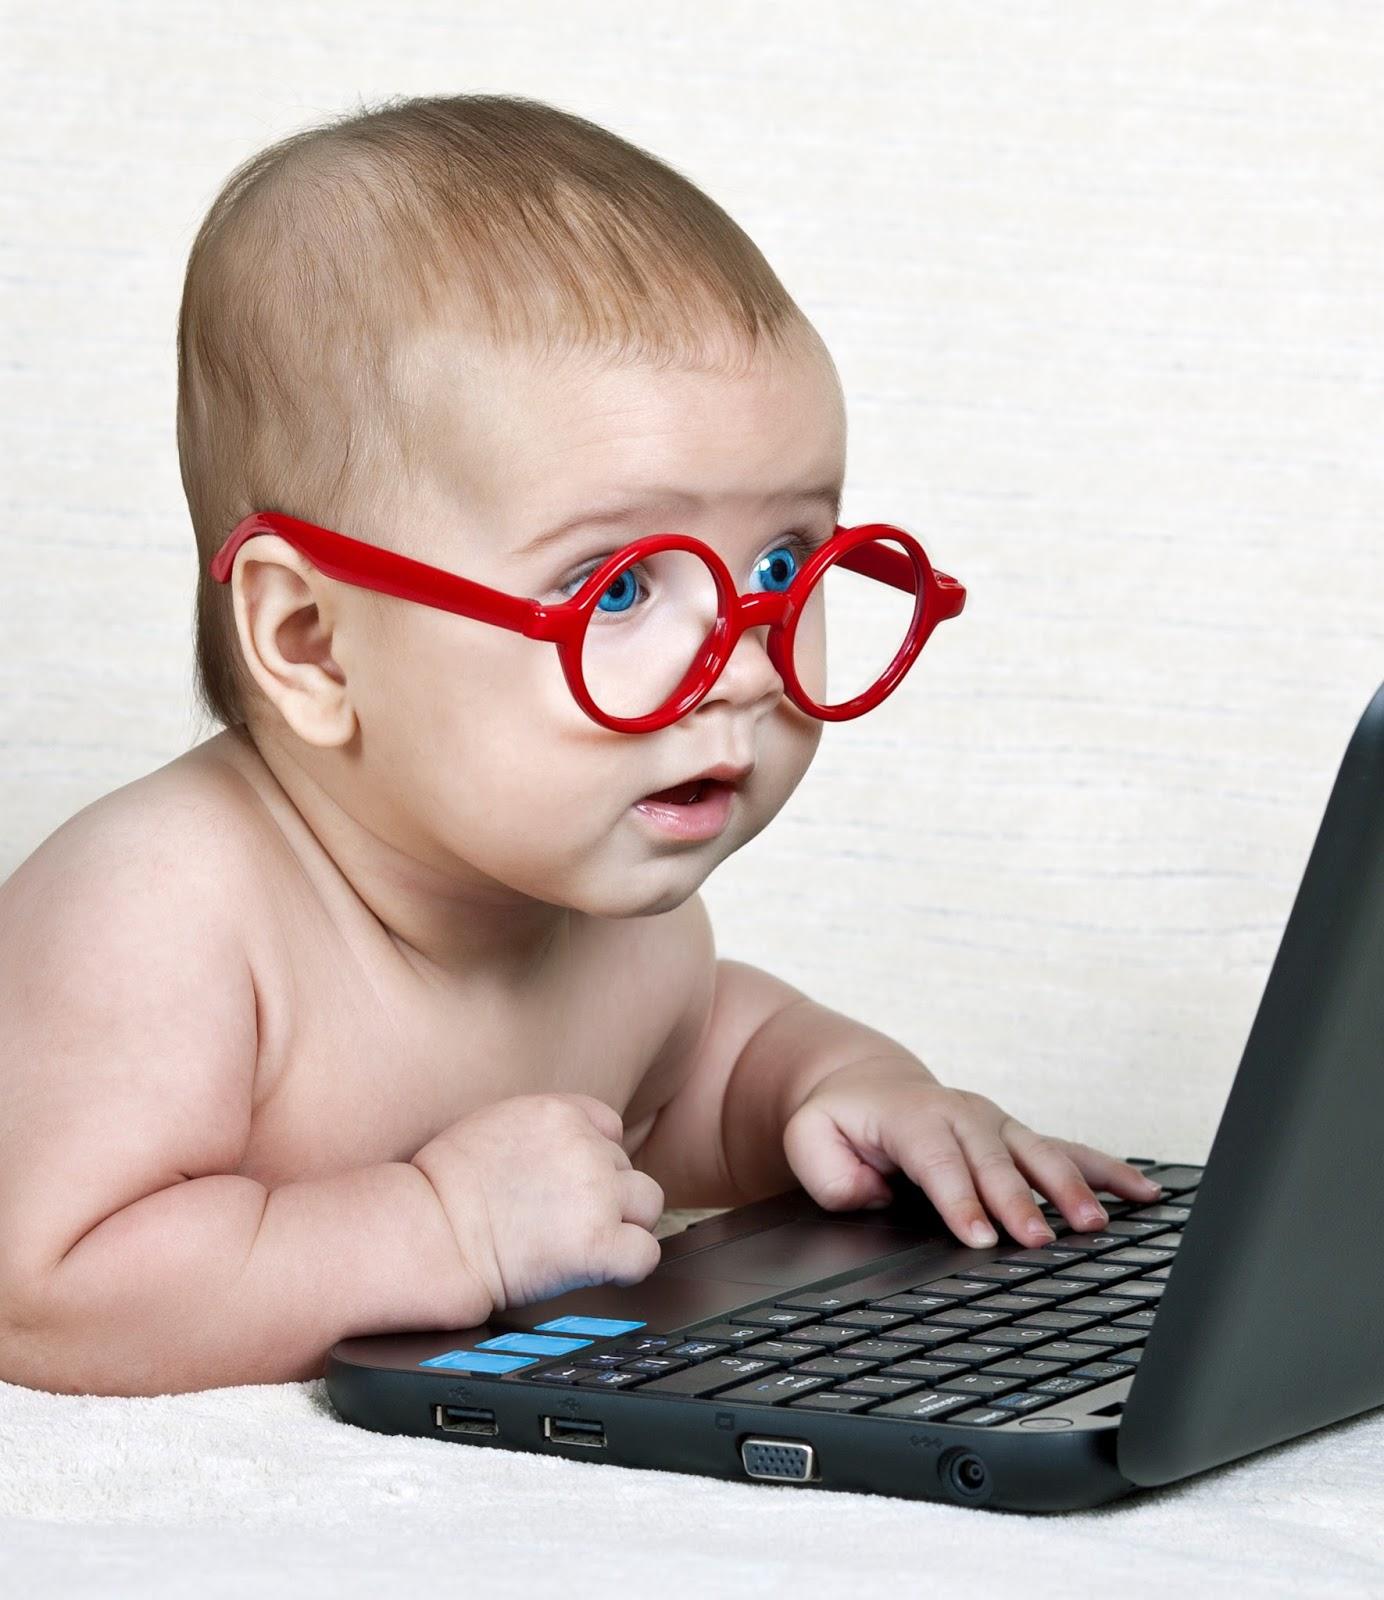 تاثیر کامپیوتر بر درک کودکان